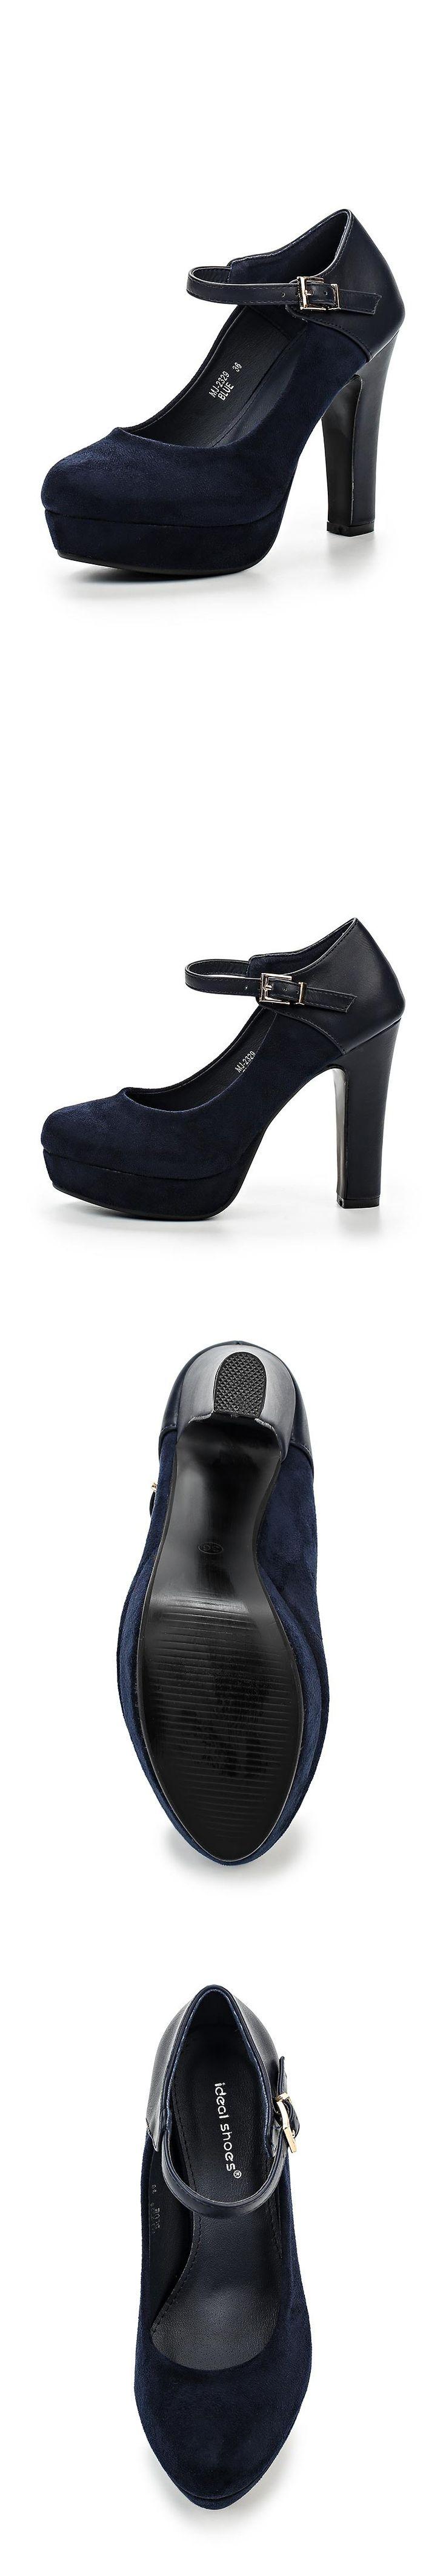 Женская обувь туфли Ideal за 1999.00 руб.